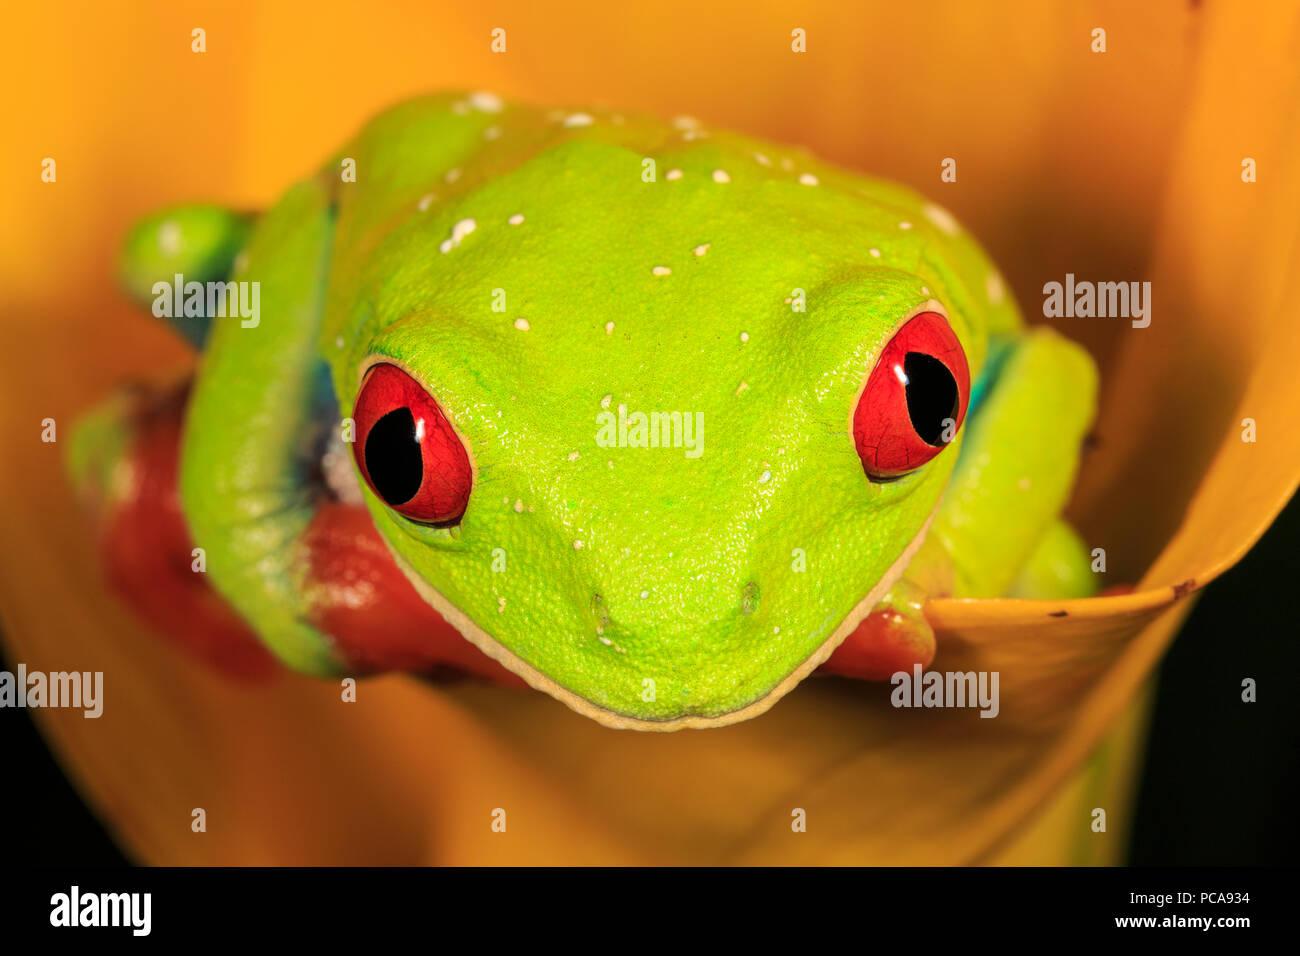 La rana arborícola de ojos rojos (Agalychnis callidryas) sobre naranja lirio de agua Foto de stock